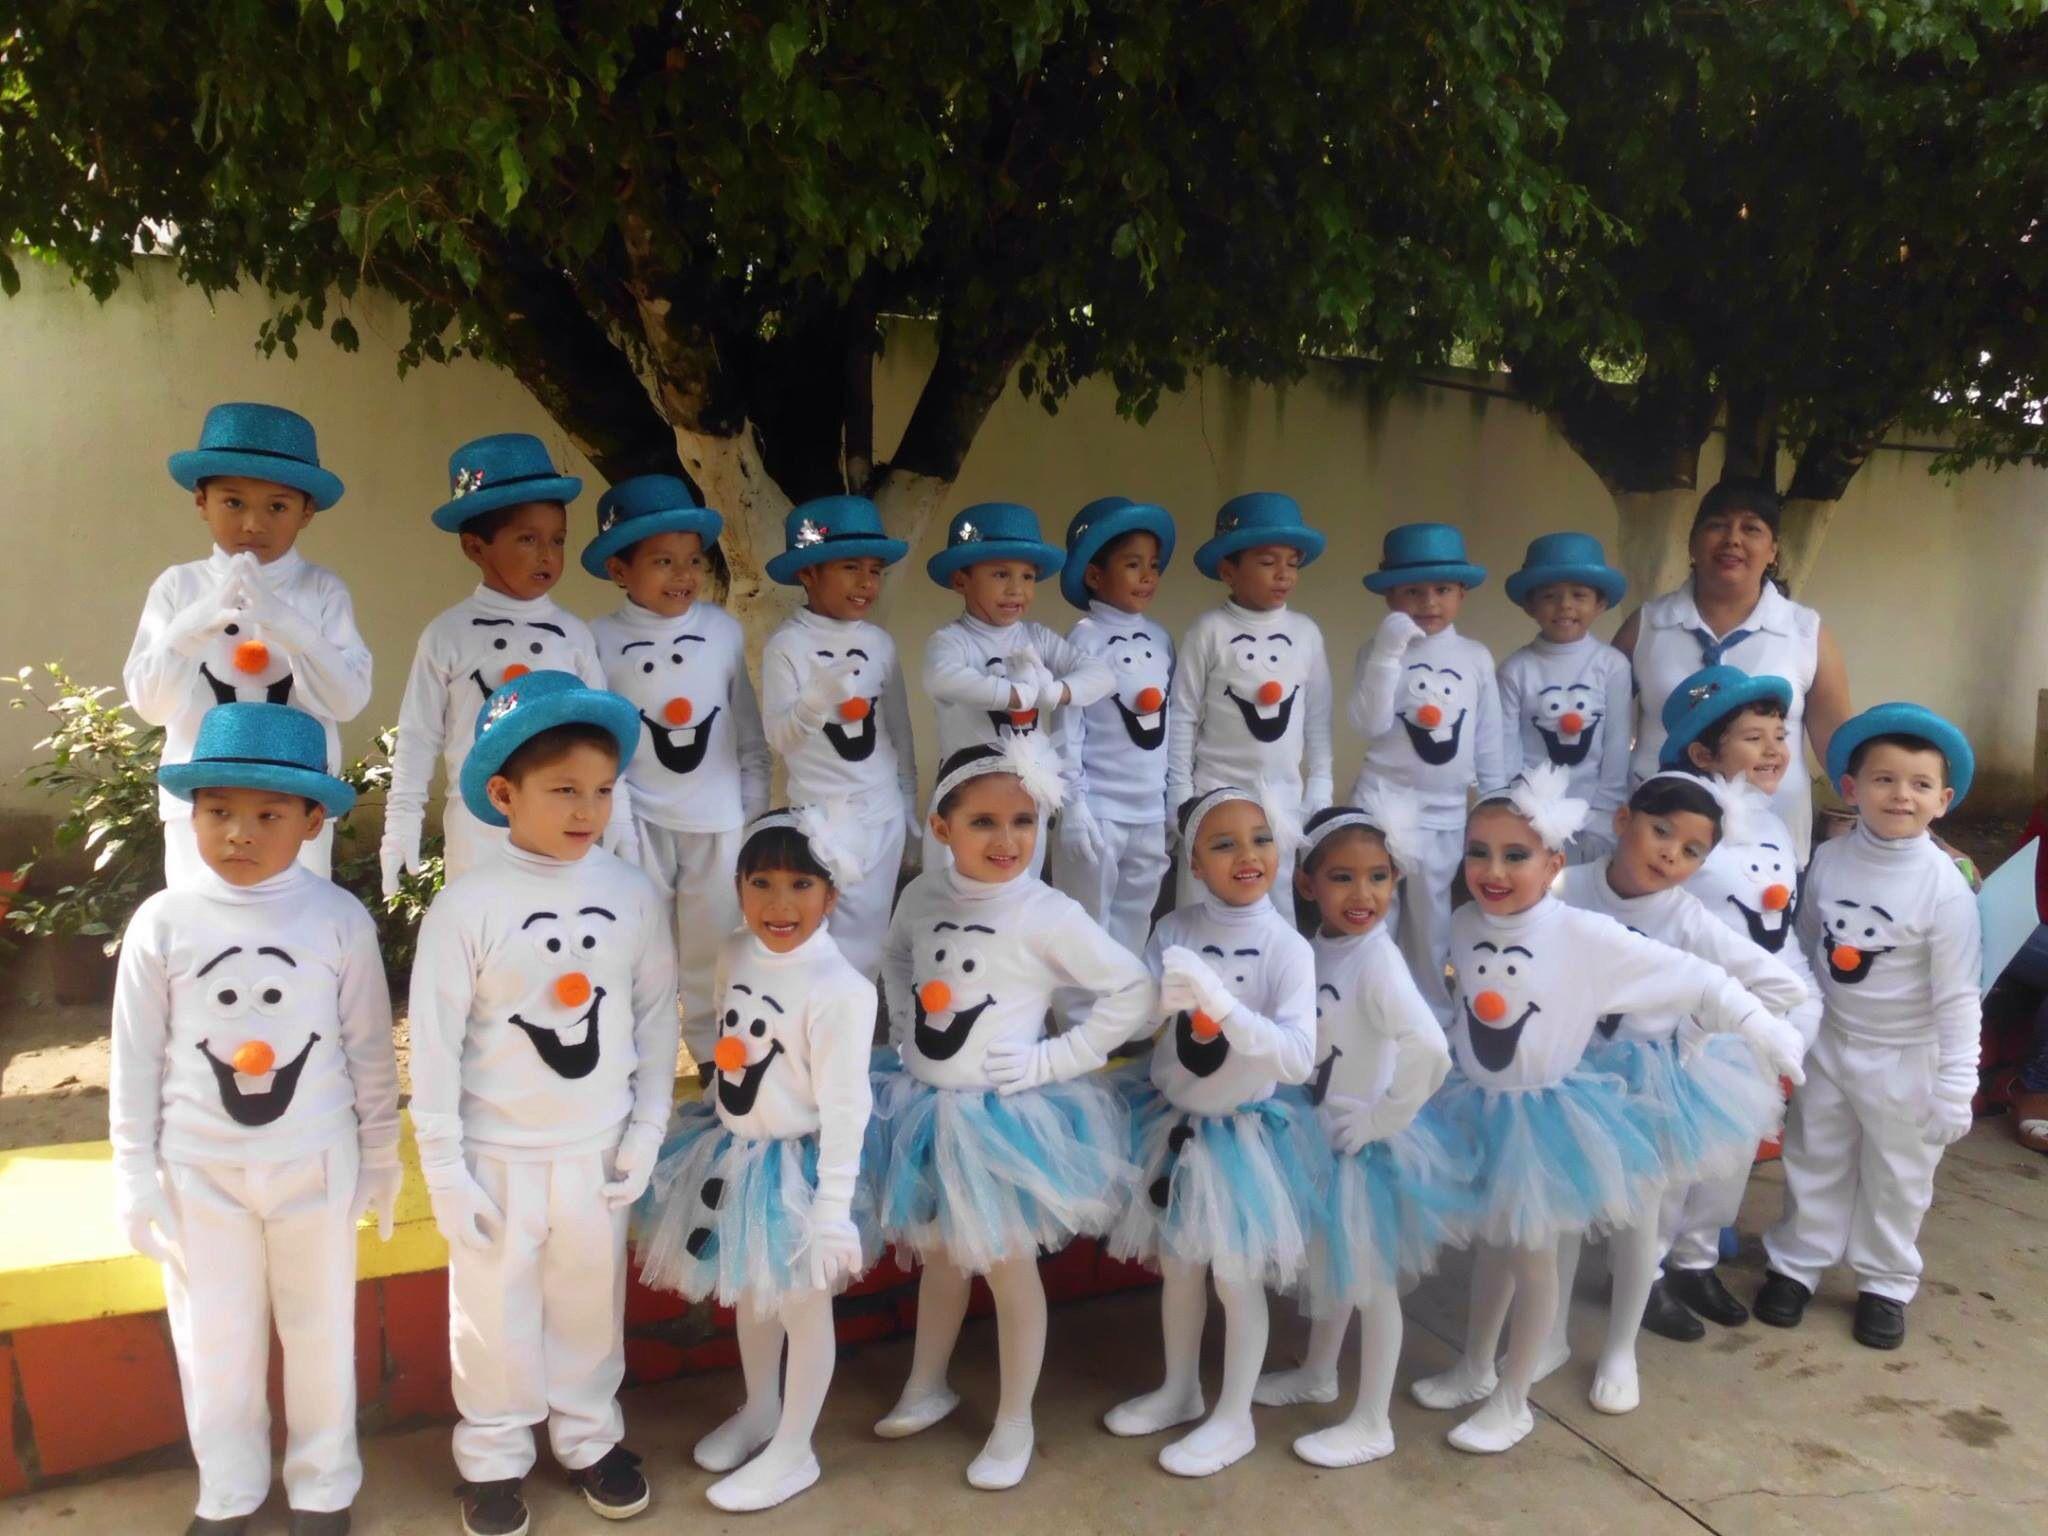 Disfraces de festival disfraces chulis pinterest - Fiesta de disfraces ideas ...